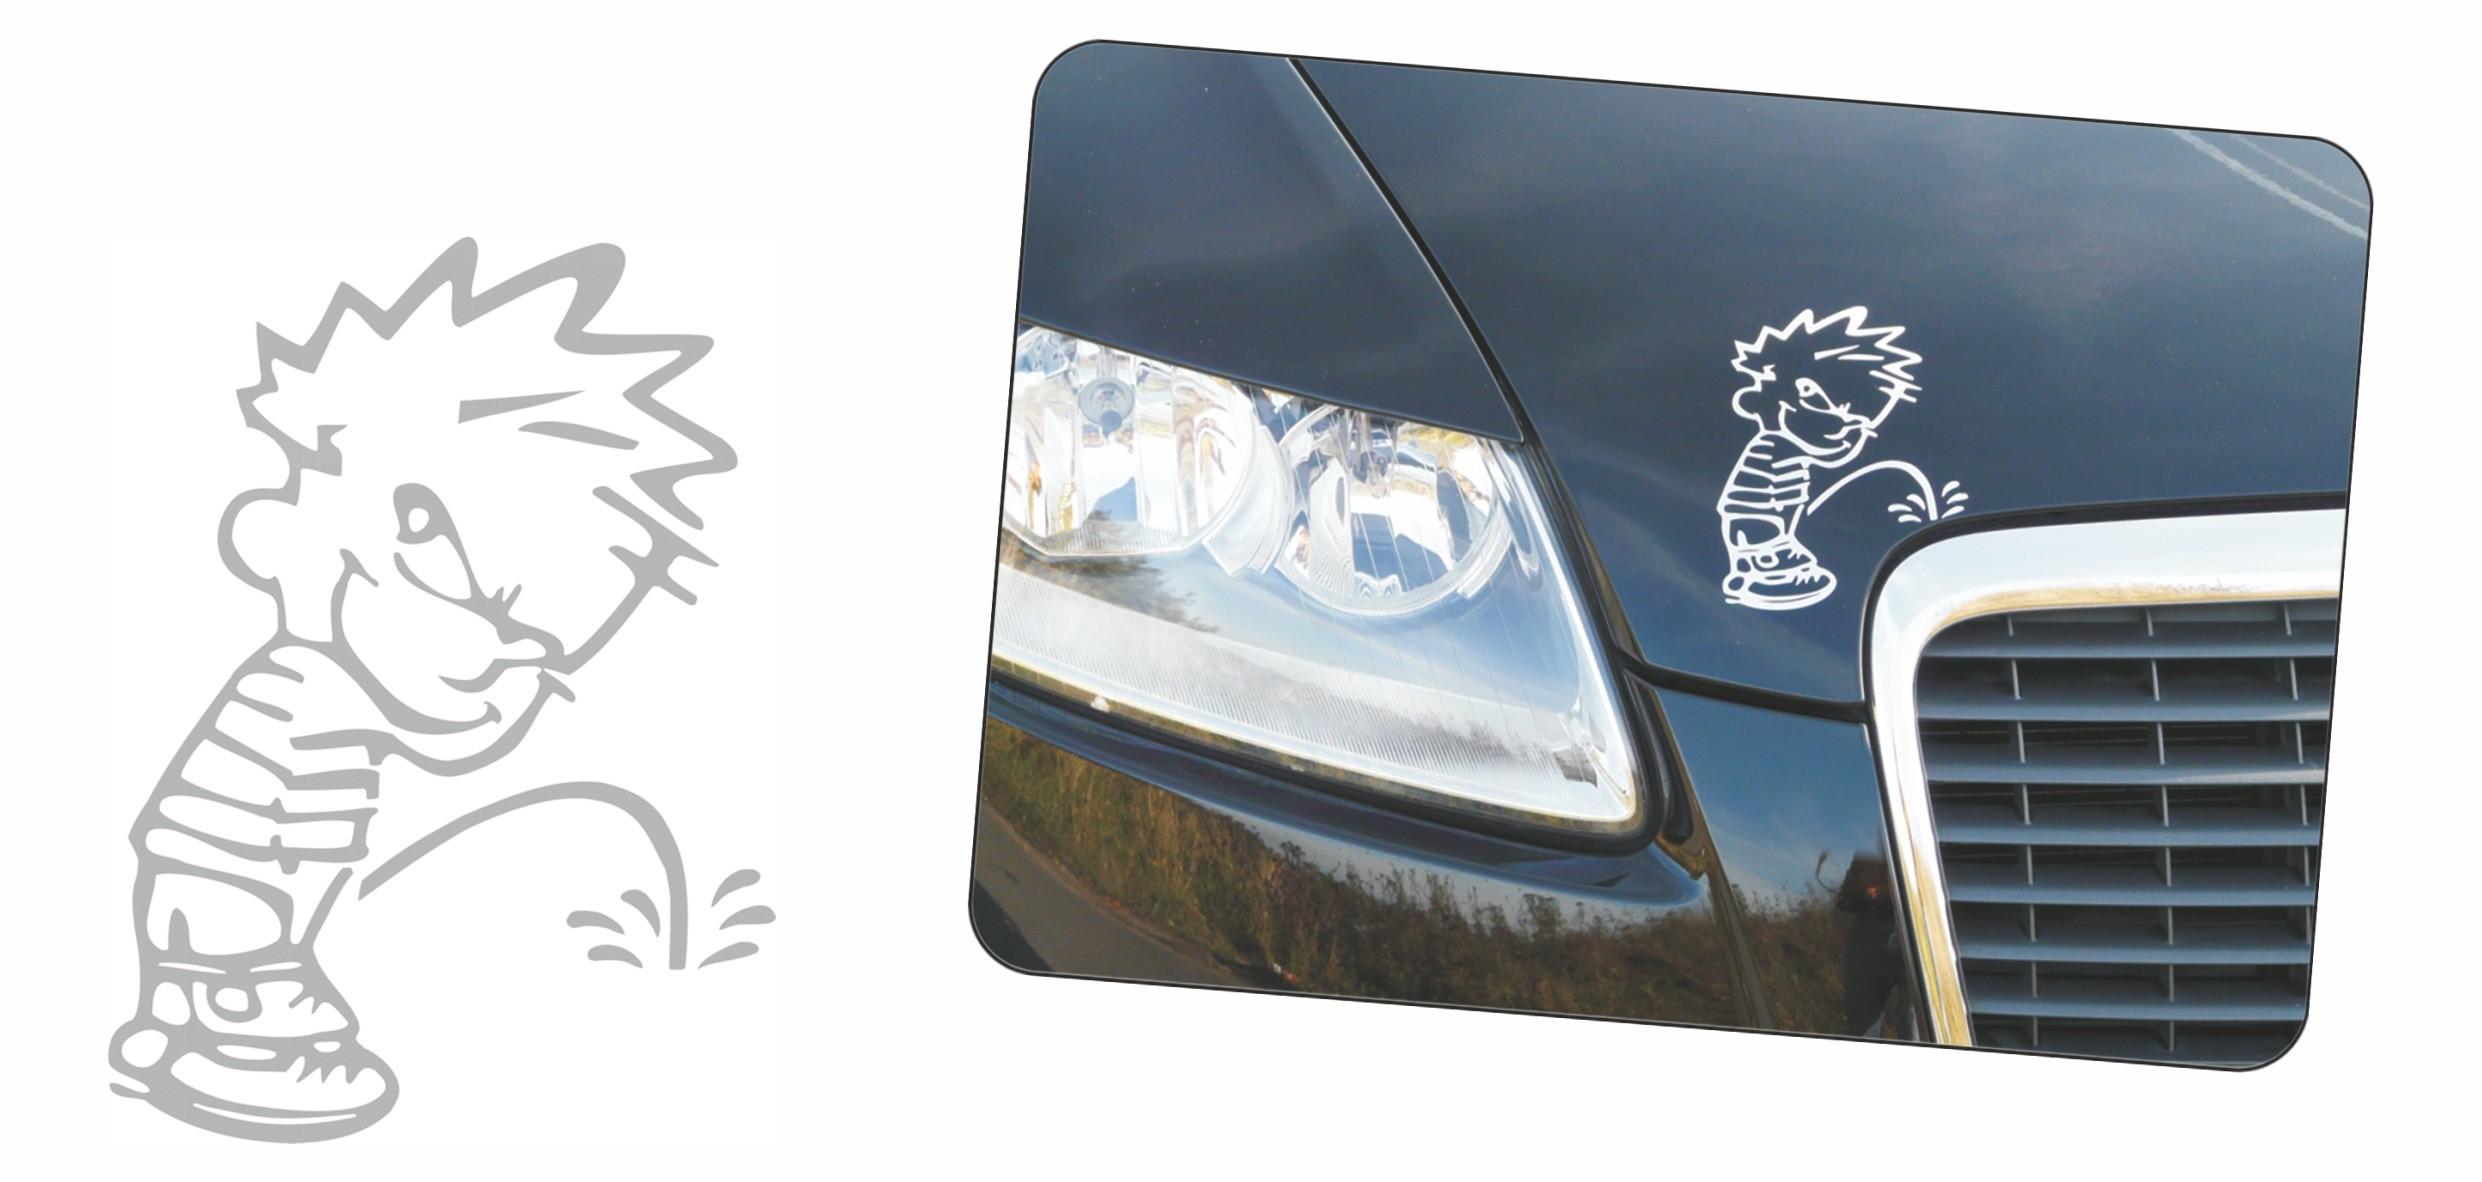 Aufkleber Spiegel- und Car-Tattoo Abschussliste – Bild 4